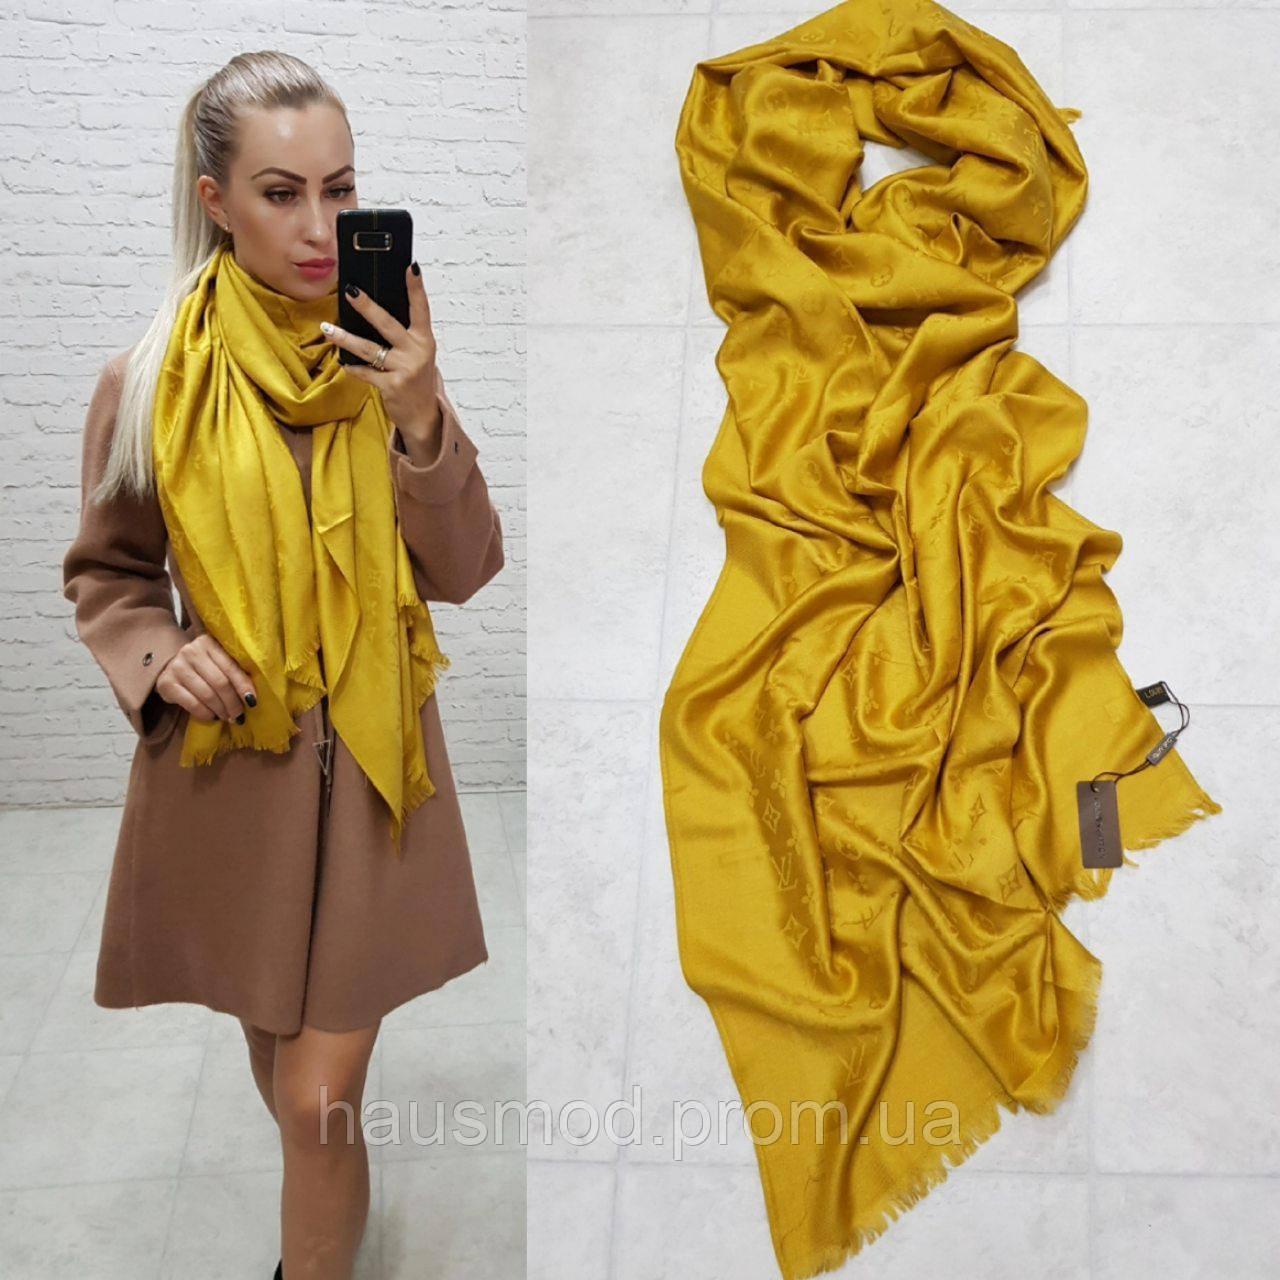 Женский палантин шарф брендовый репликаLouis Vuitton65% шелк 35% кашемир размер 190×0.70 см цвет горчица